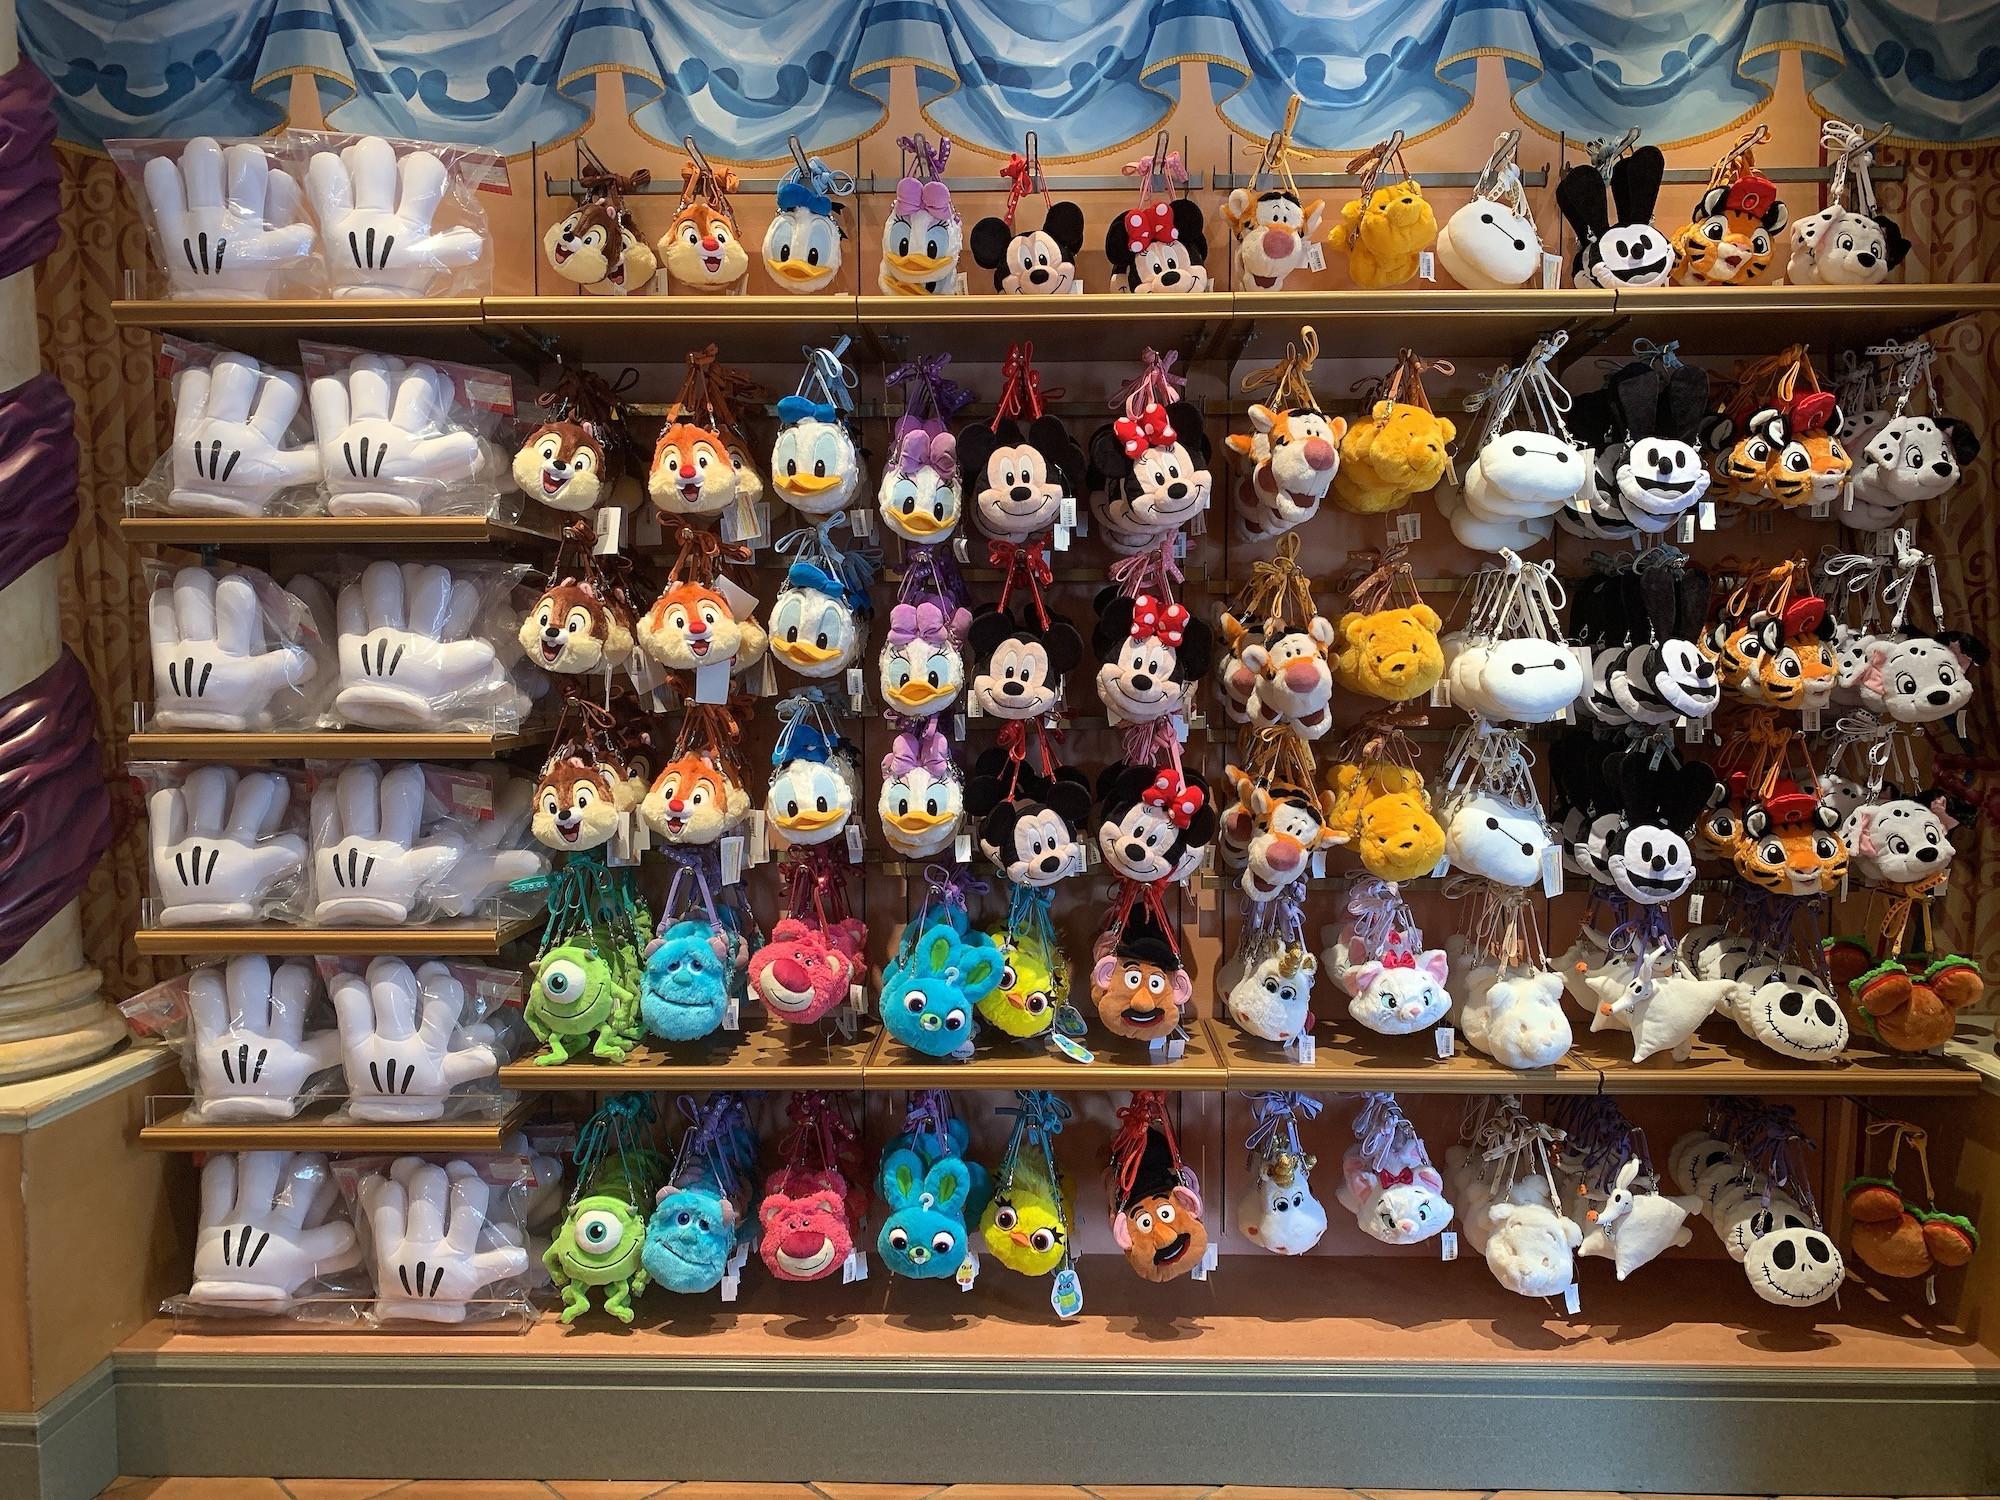 【2019】ディズニーのパスケース56選!大人気ダッフィーやぬいぐるみタイプも!